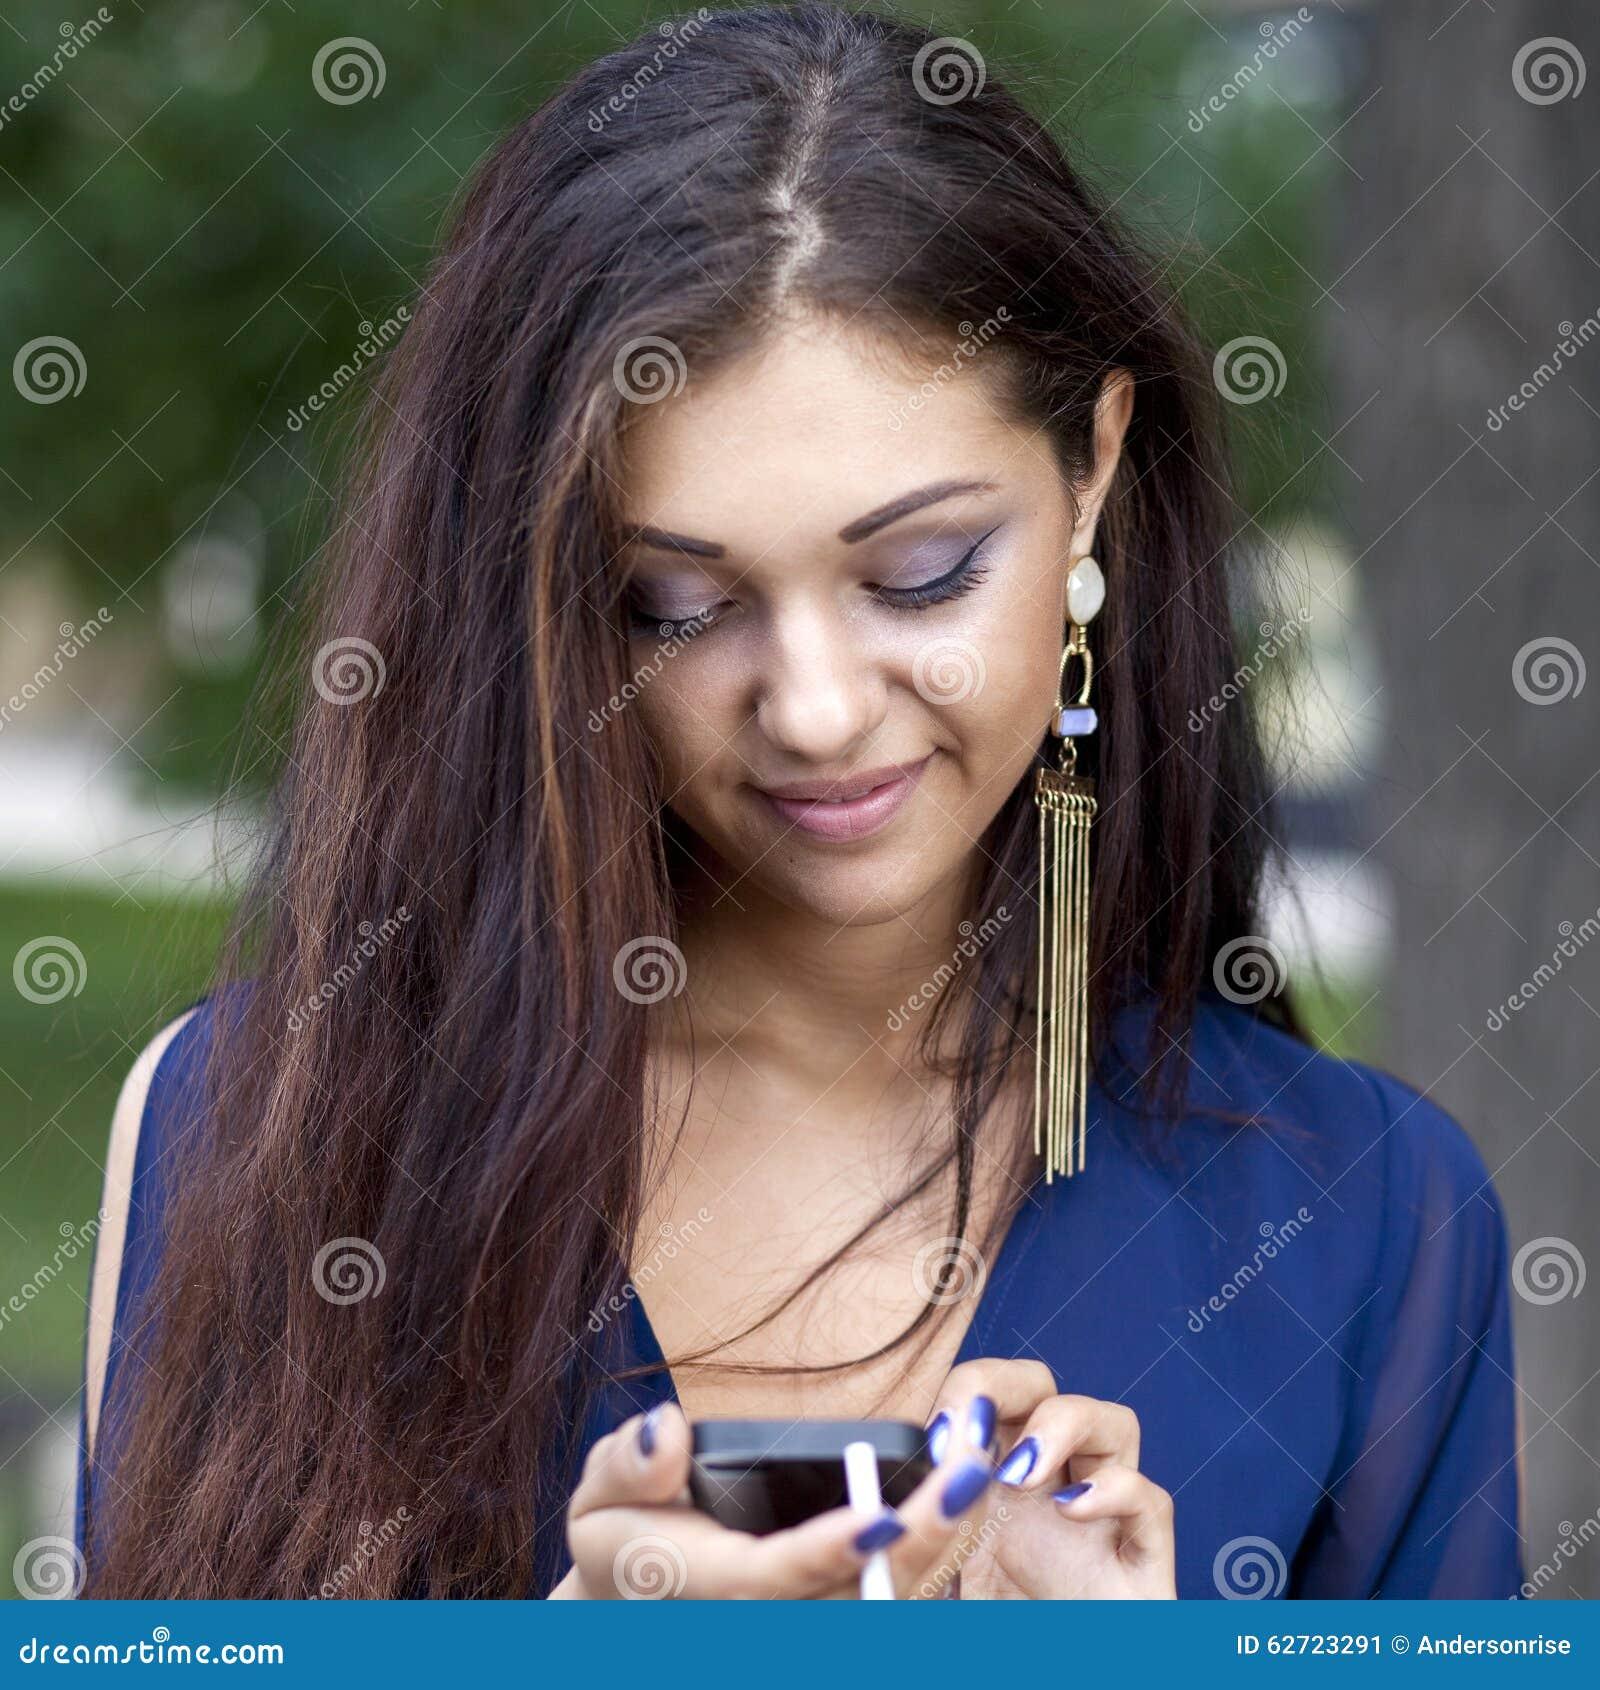 γυναίκα που διαβάζει ένα μήνυμα στο τηλέφωνο